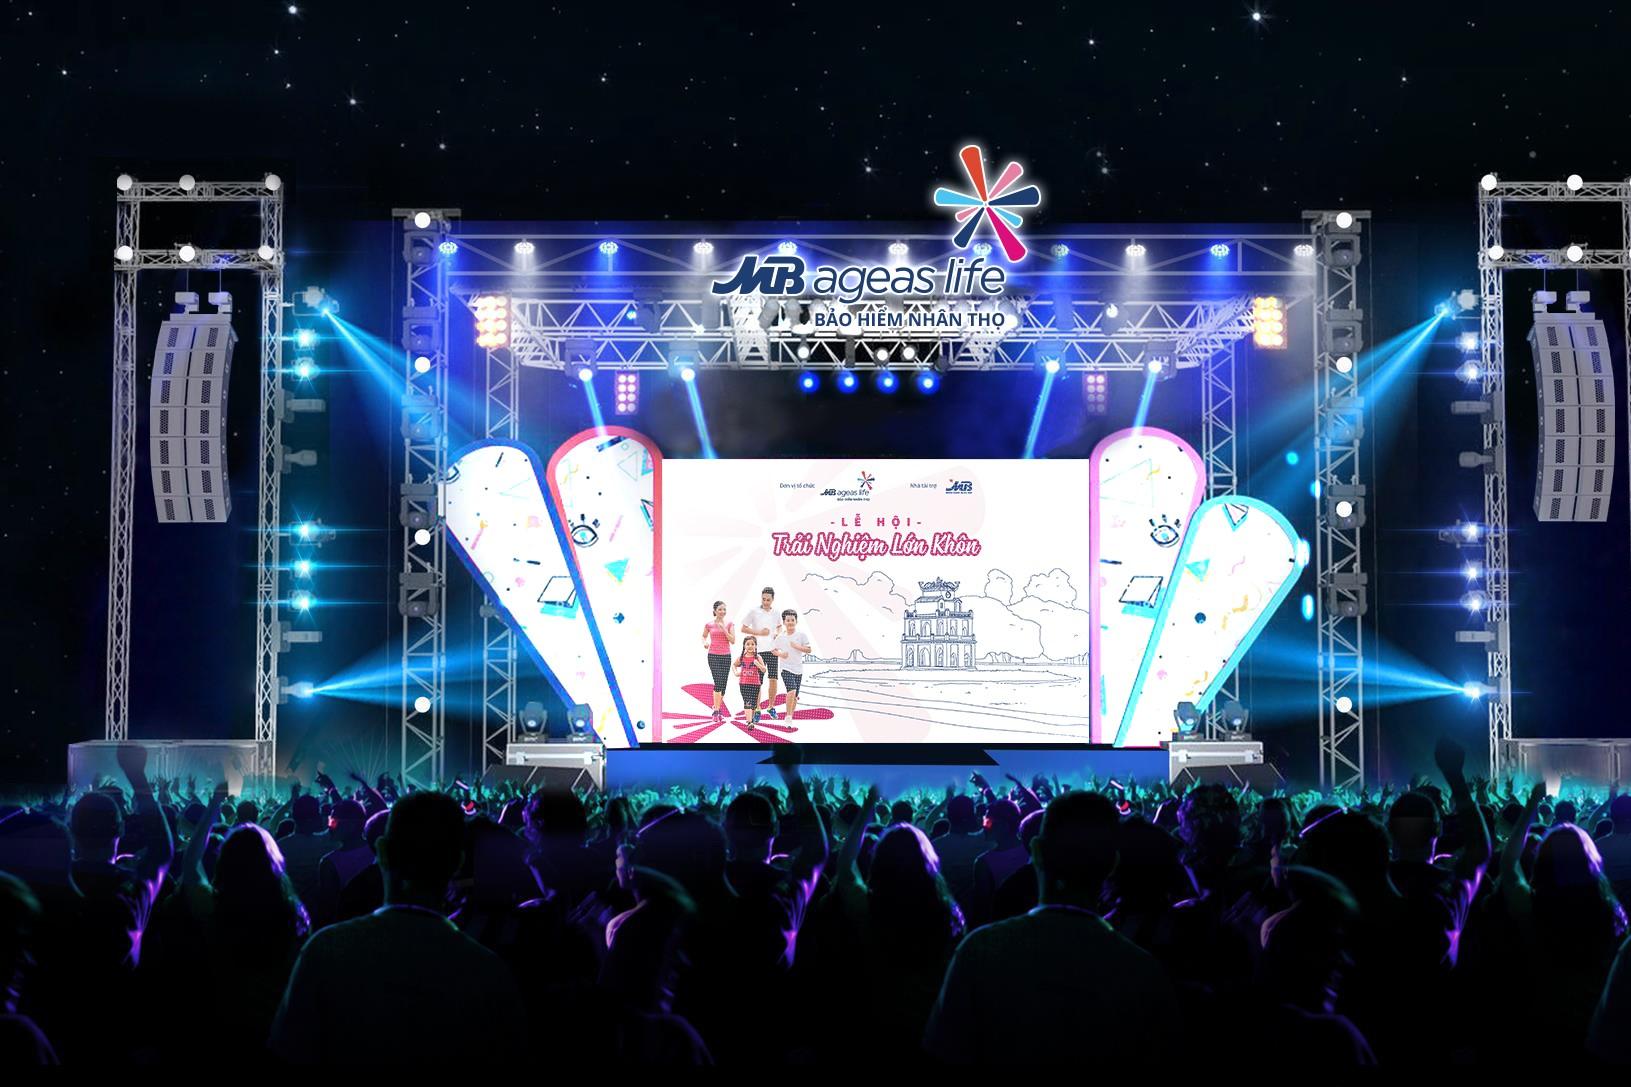 """""""Giải chạy MB Ageas Life Family Ekiden và Lễ hội Trải nghiệm lớn khôn"""" ngày 12/8/2018 tại Bờ Hồ Hoàn Kiếm"""